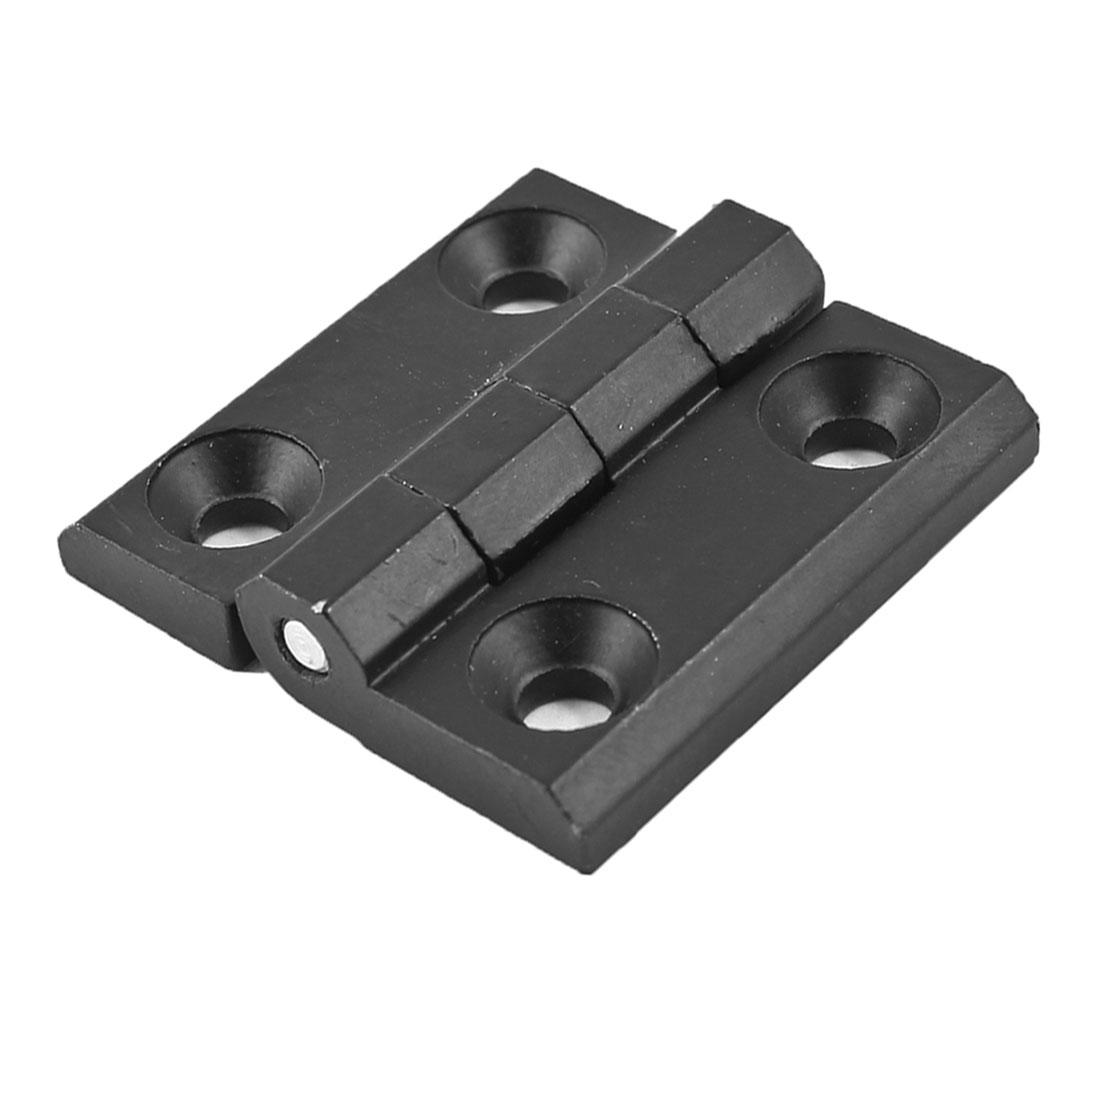 40mm x 40mm Two Leaves Metal Bearing Hinge Black for Door